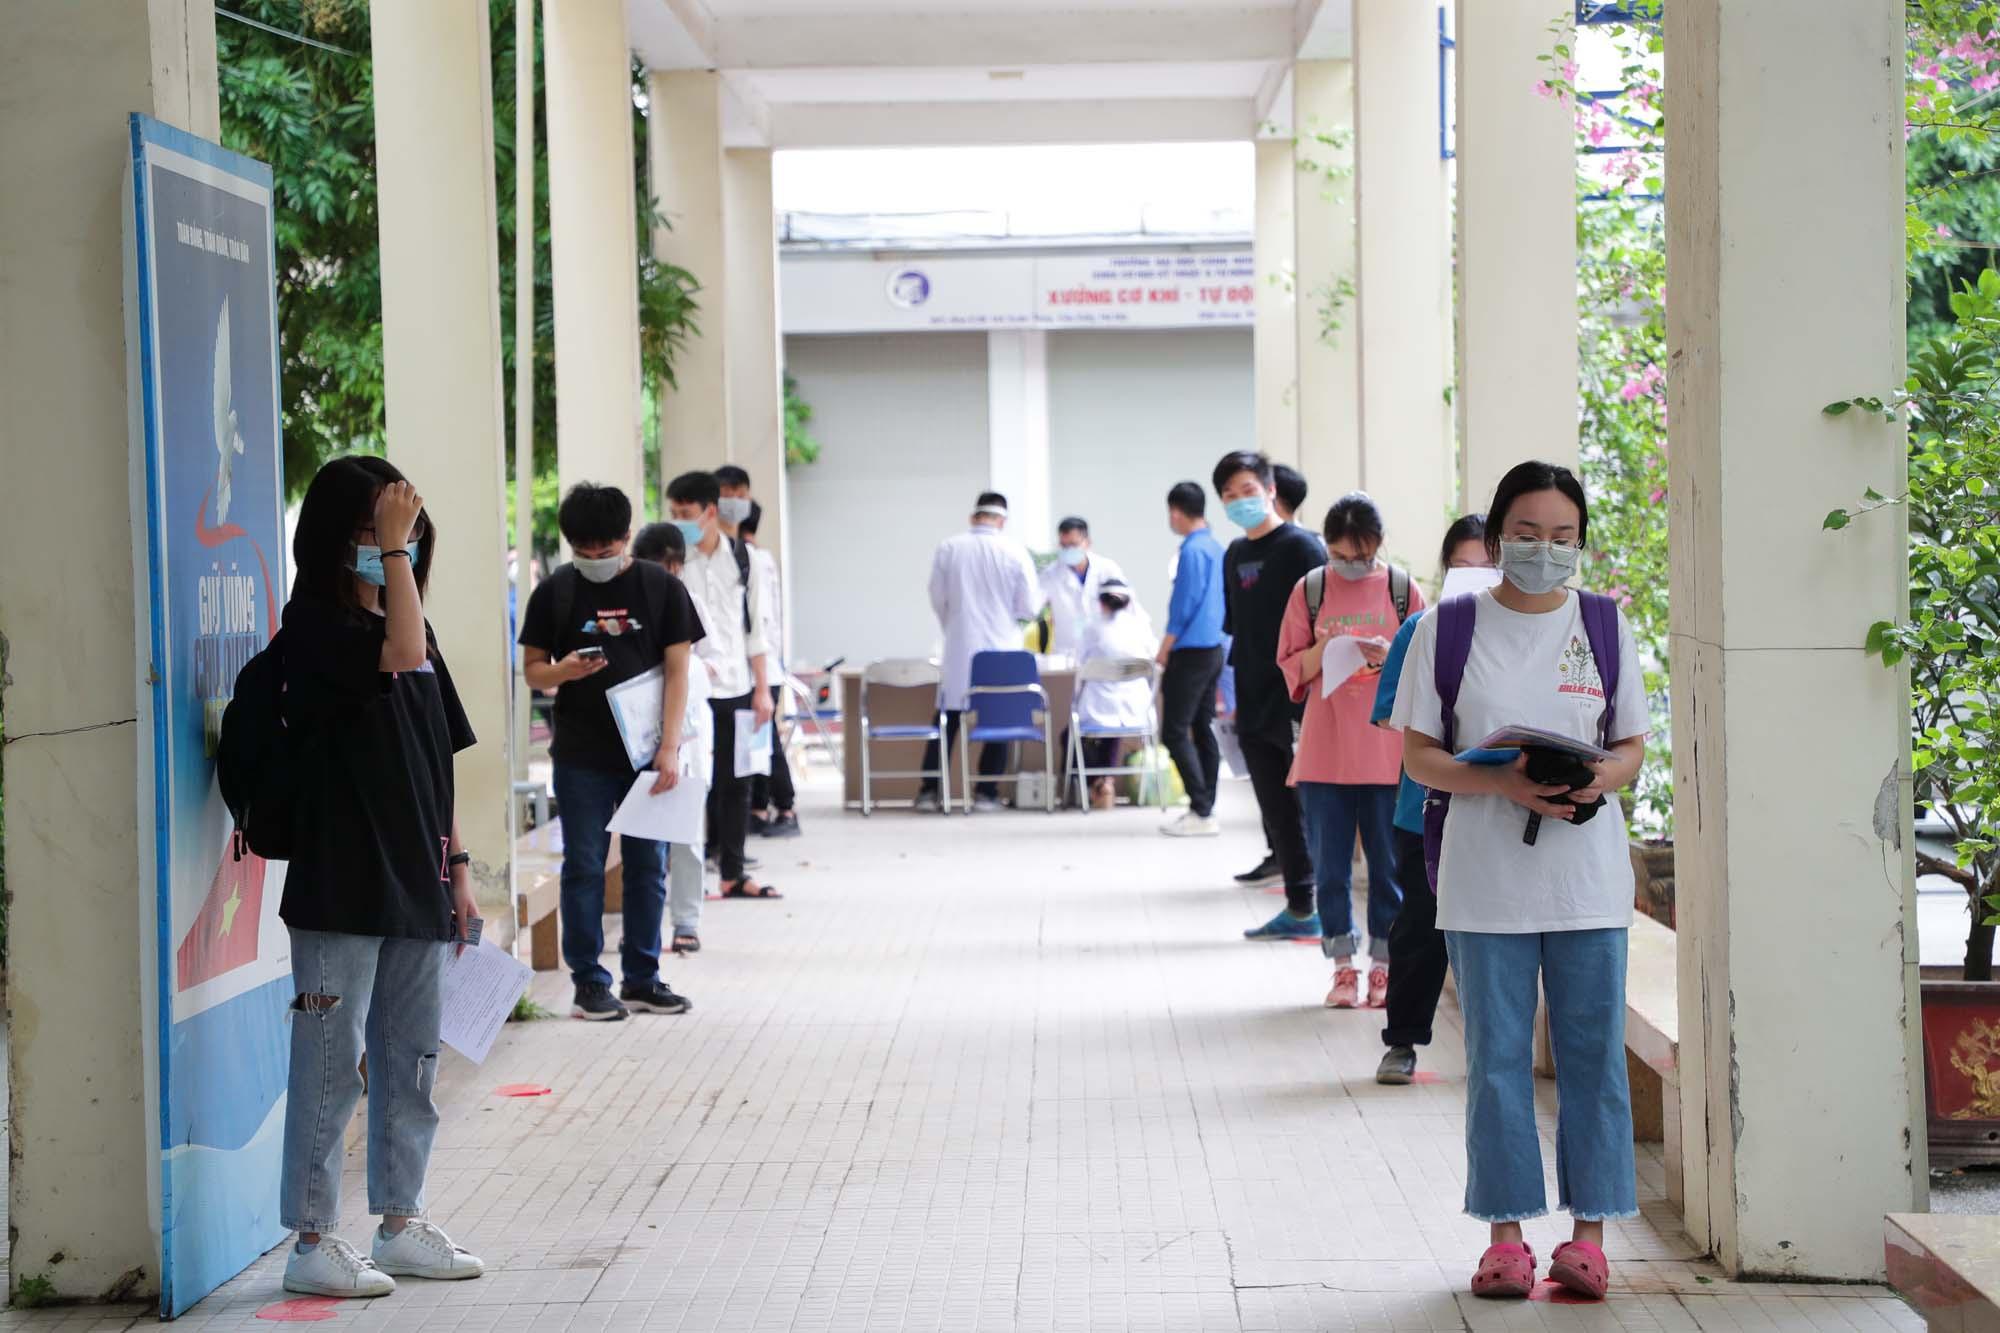 Thí sinh dự thi đợt 1 kỳ thi đánh giá năng lực của ĐH Quốc gia Hà Nội đang chờ vào phòng thi /// Ảnh Ngọc Diệp